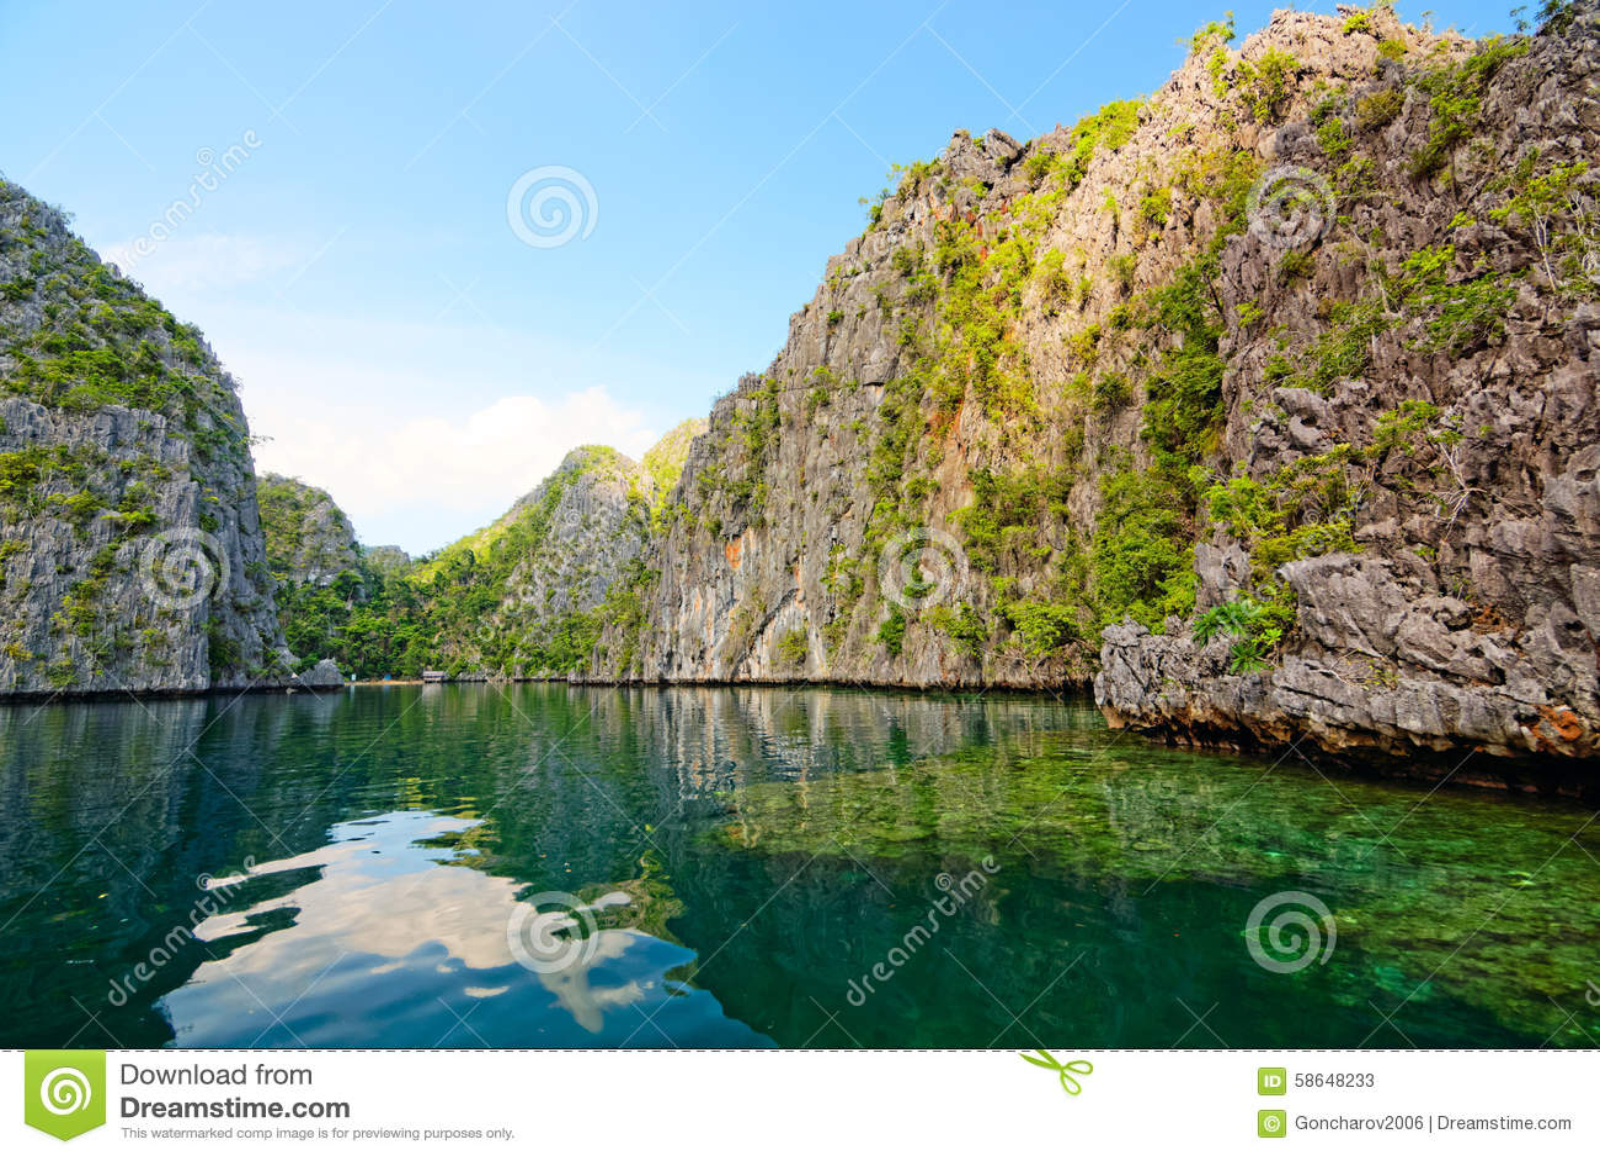 Lagunen und Felsen von Coron-Insel, Philippinen